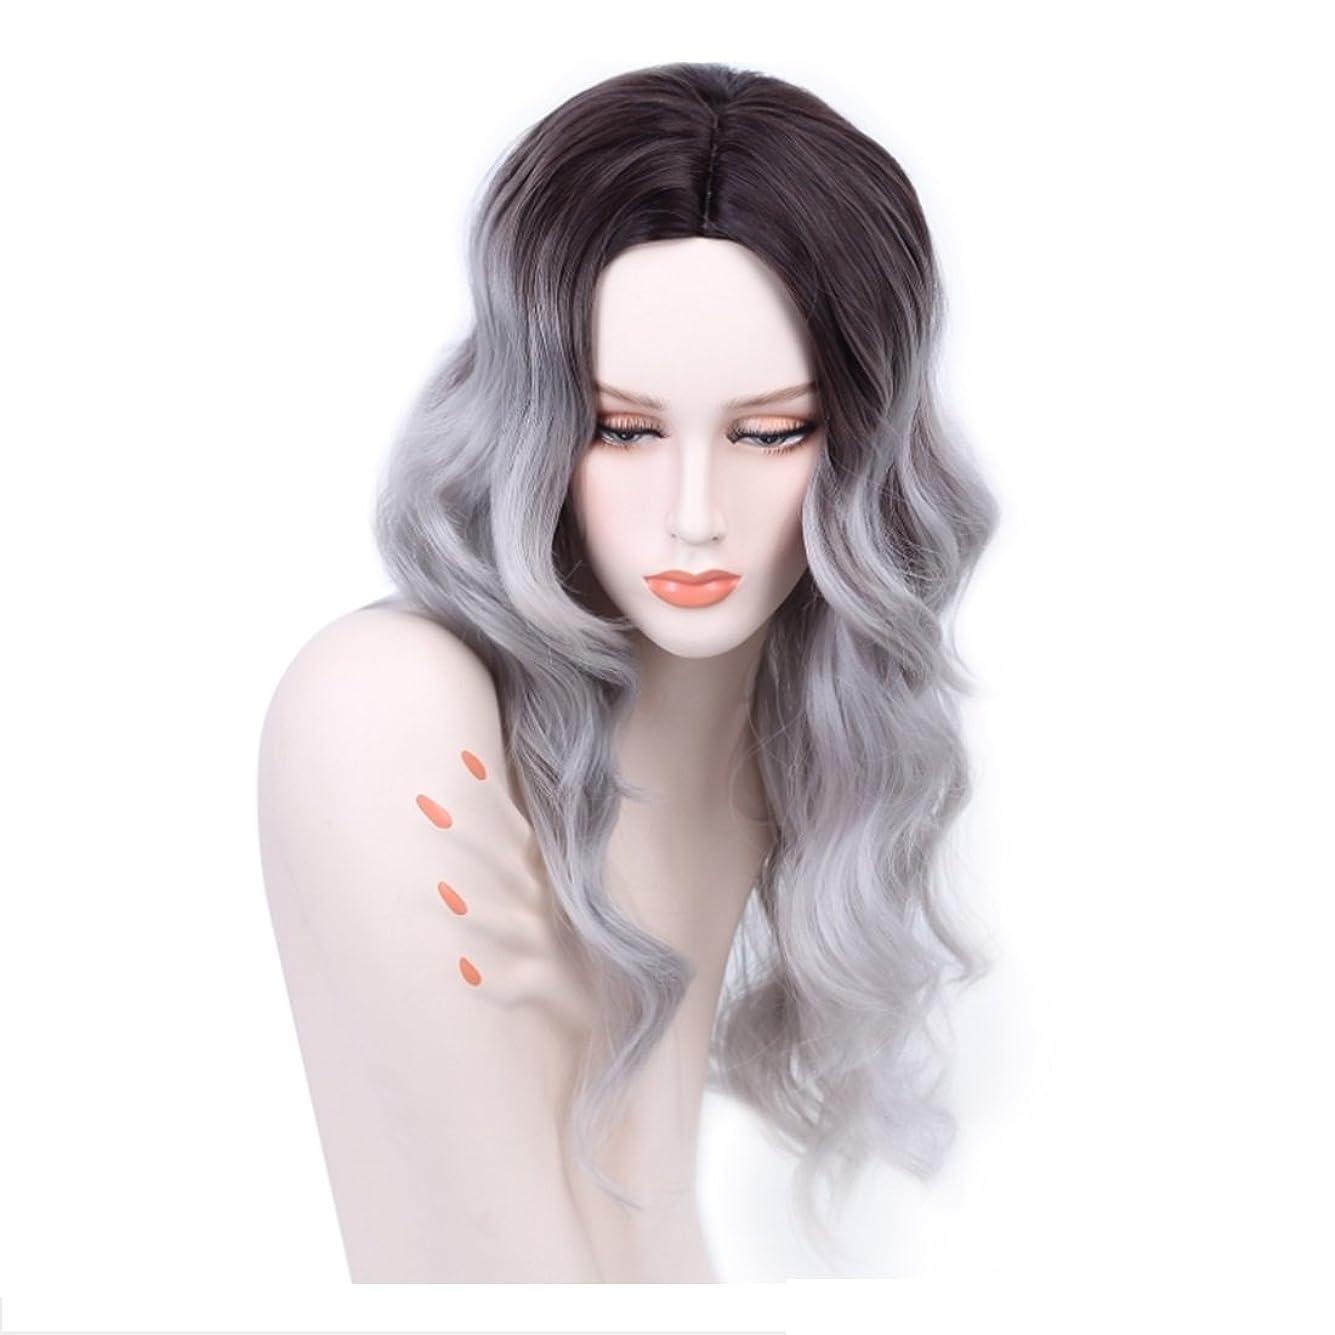 ファンブル脱臼するエチケットKoloeplf 女性のための光沢のある現実的なかつらロングバンズの長いカーリーヘアウィッグ耐熱性のふわふわ毛髪かつら21インチ (Color : Black gradient gray)